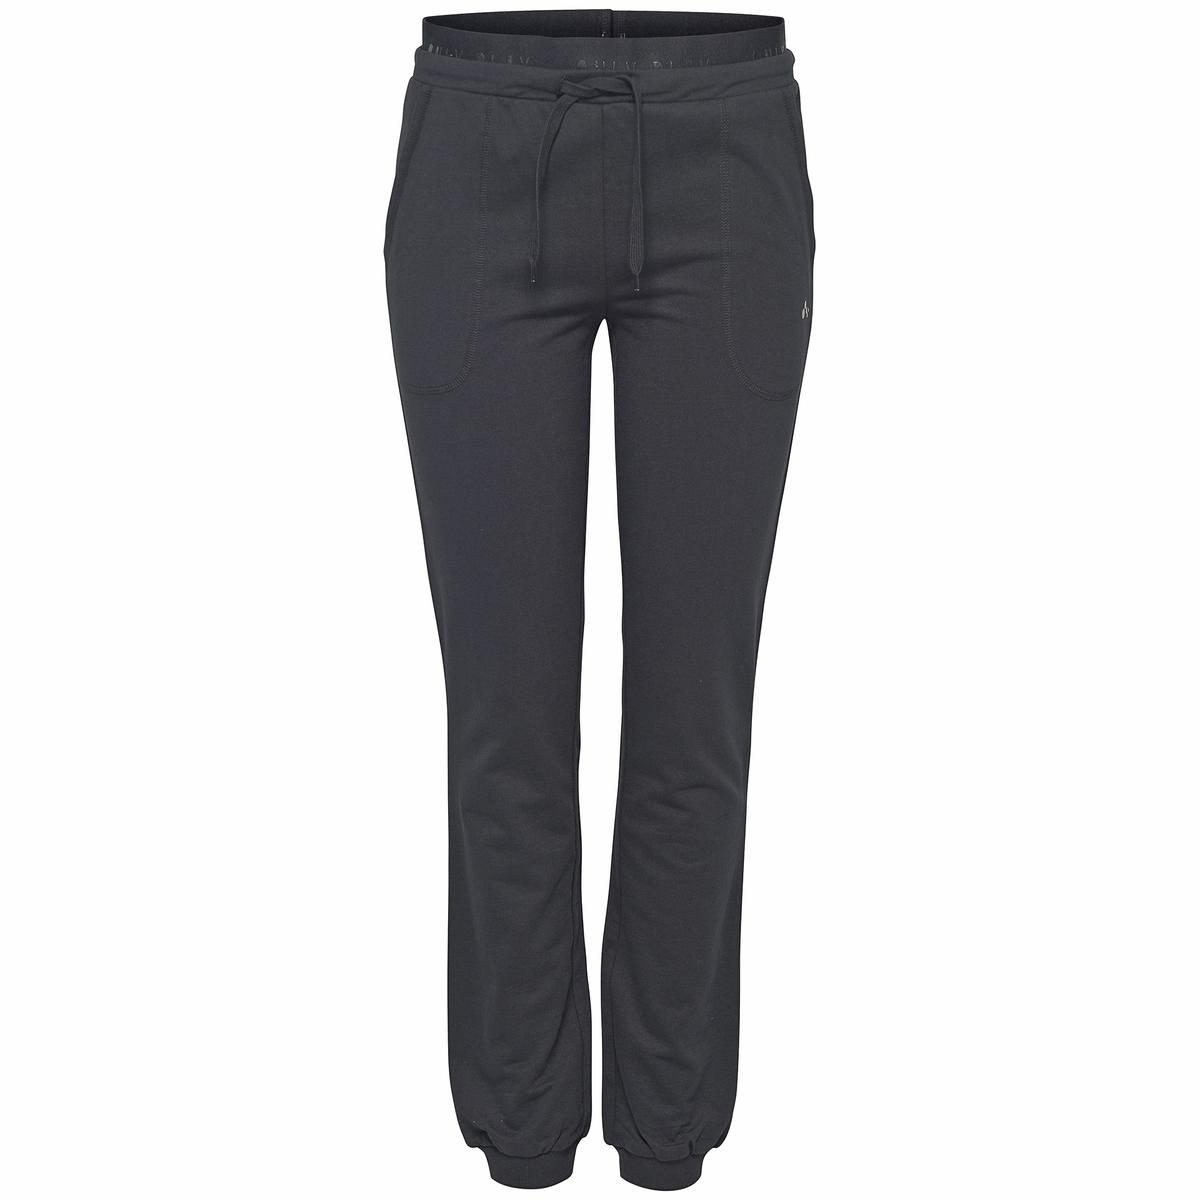 Брюки спортивные LEONA SLIM SWEAT PANTSСпортивные брюки, модель LEONA SLIM SWEAT PANTS от ONLY PLAY. Пояс с завязками. Низ на резинке.      Состав и описание:               Материал         75% хлопка, 25% вискозы     Марка         ONLY PLAY                    Уход          Машинная стирка при 30 °C     Отбеливание запрещено     Гладить при умеренной температуре  Барабанная сушка в умеренном режиме<br><br>Цвет: черный<br>Размер: S